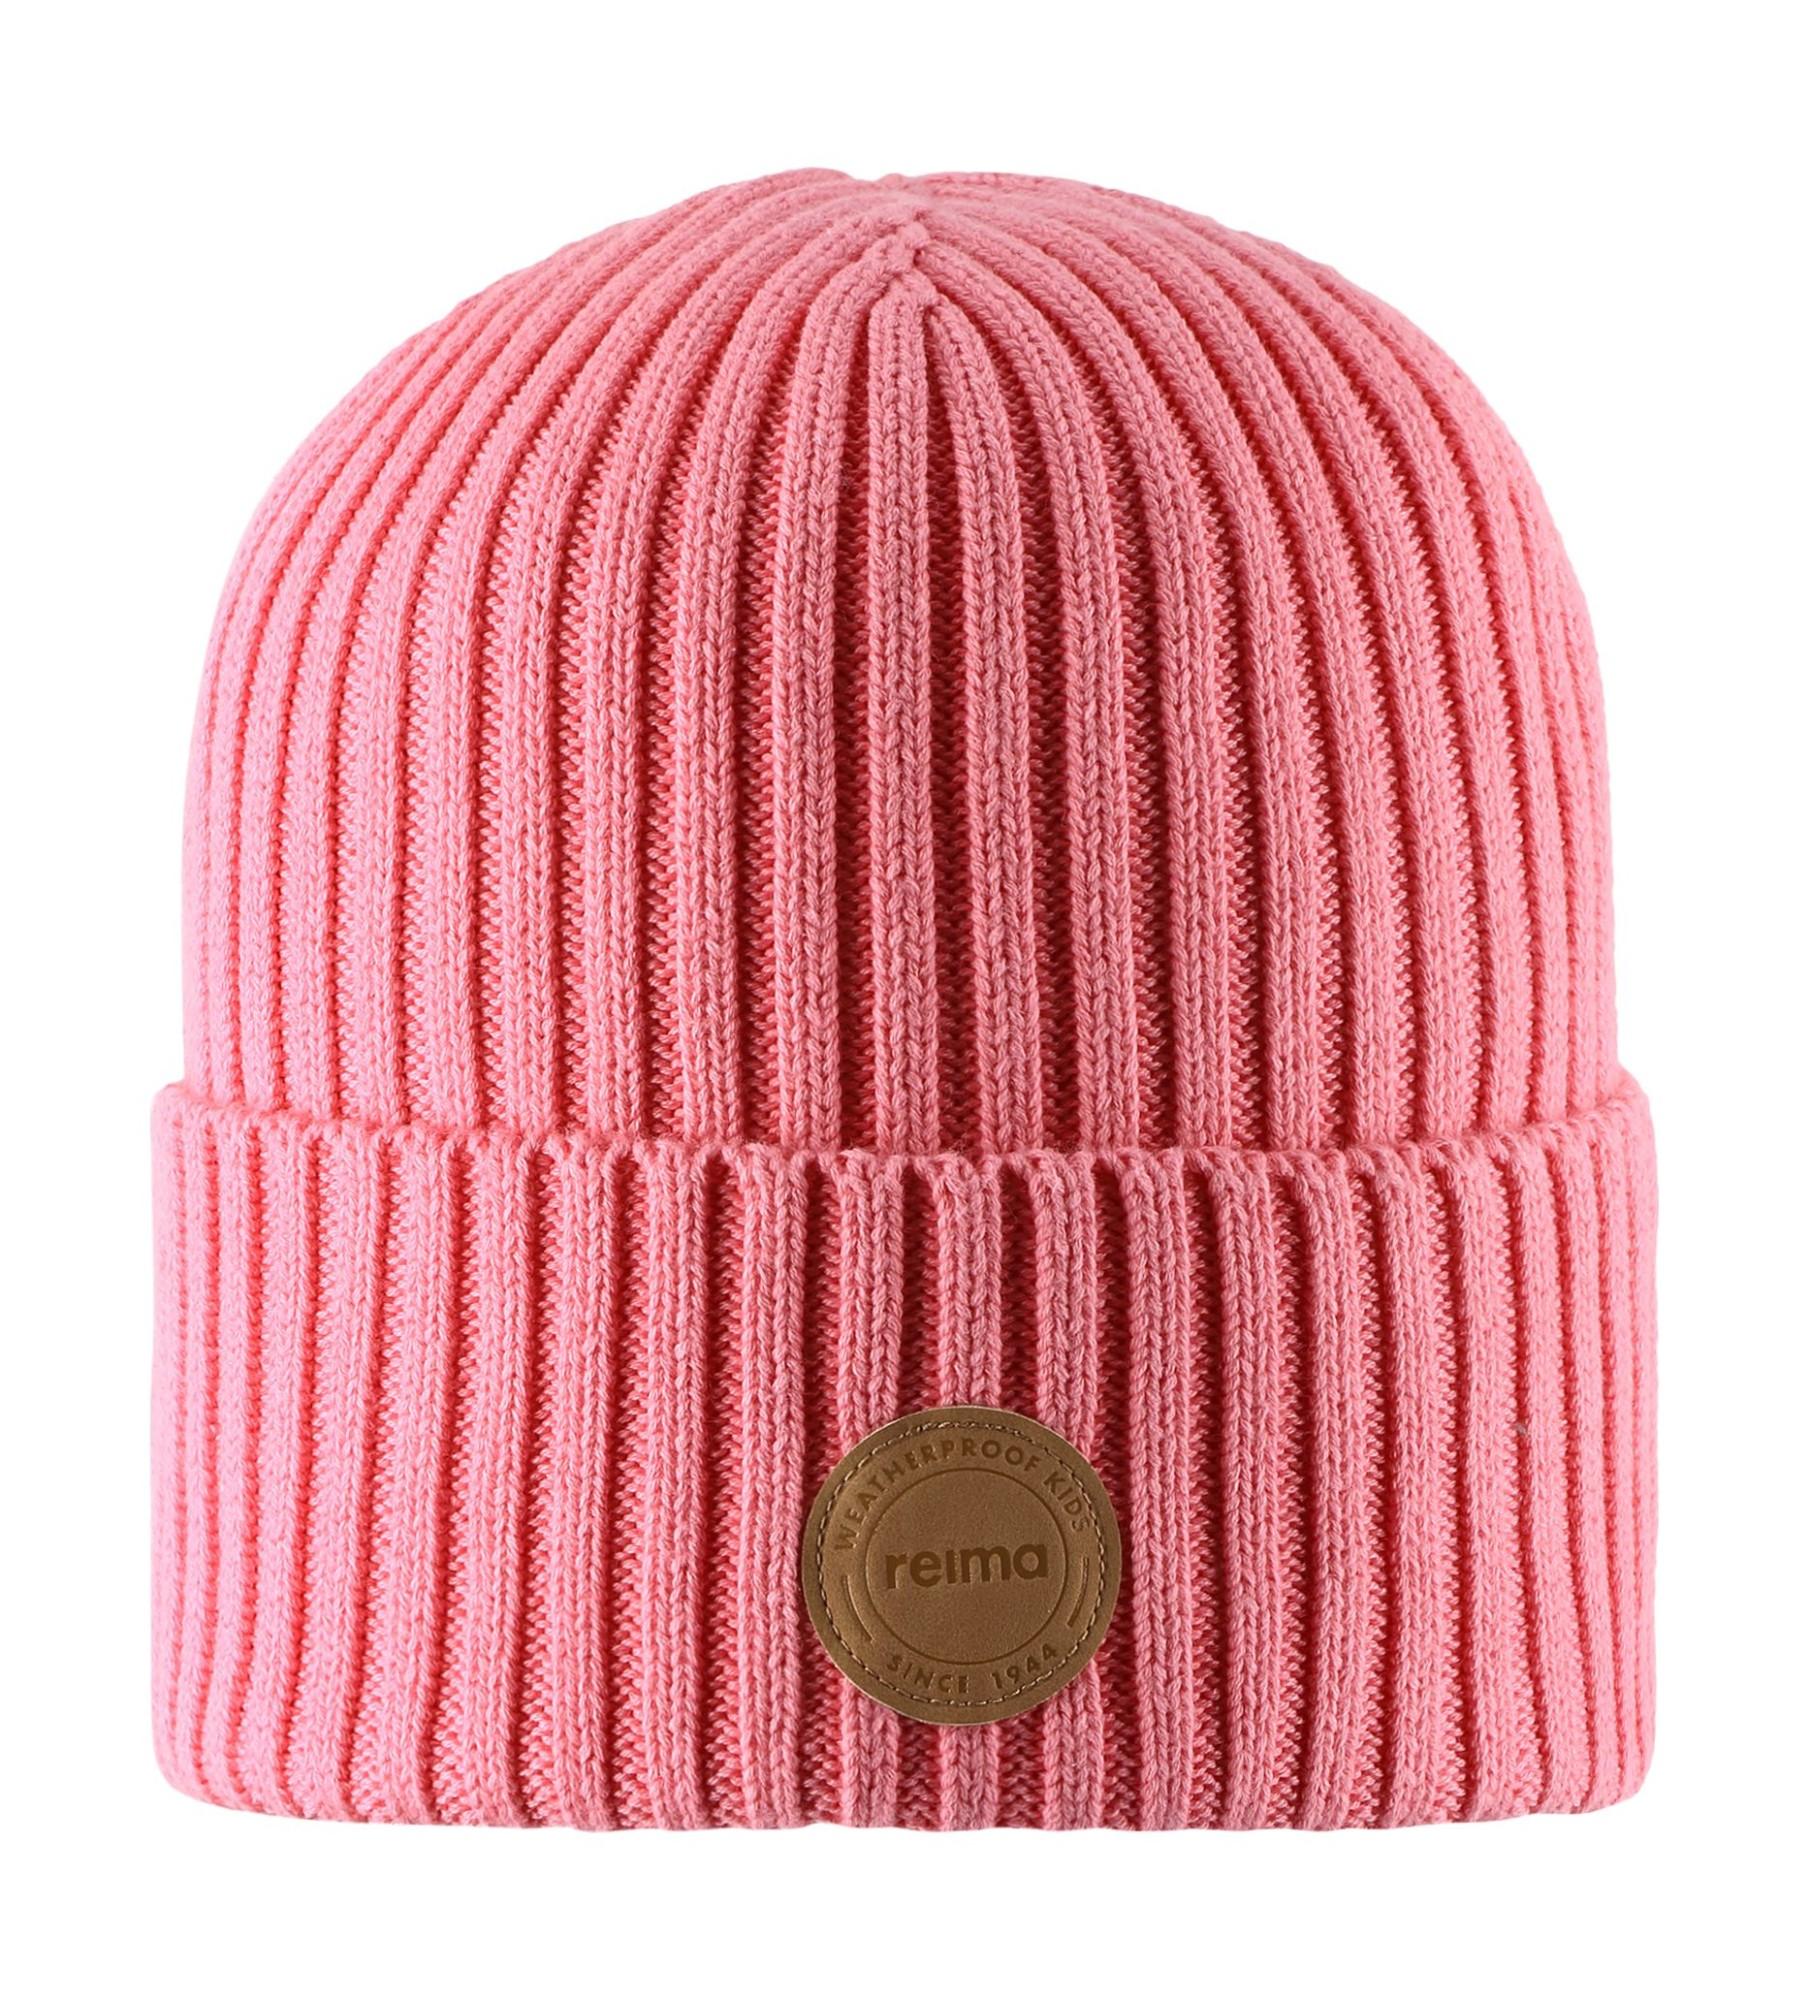 REIMA Hattara Bubblegum Pink 52-54